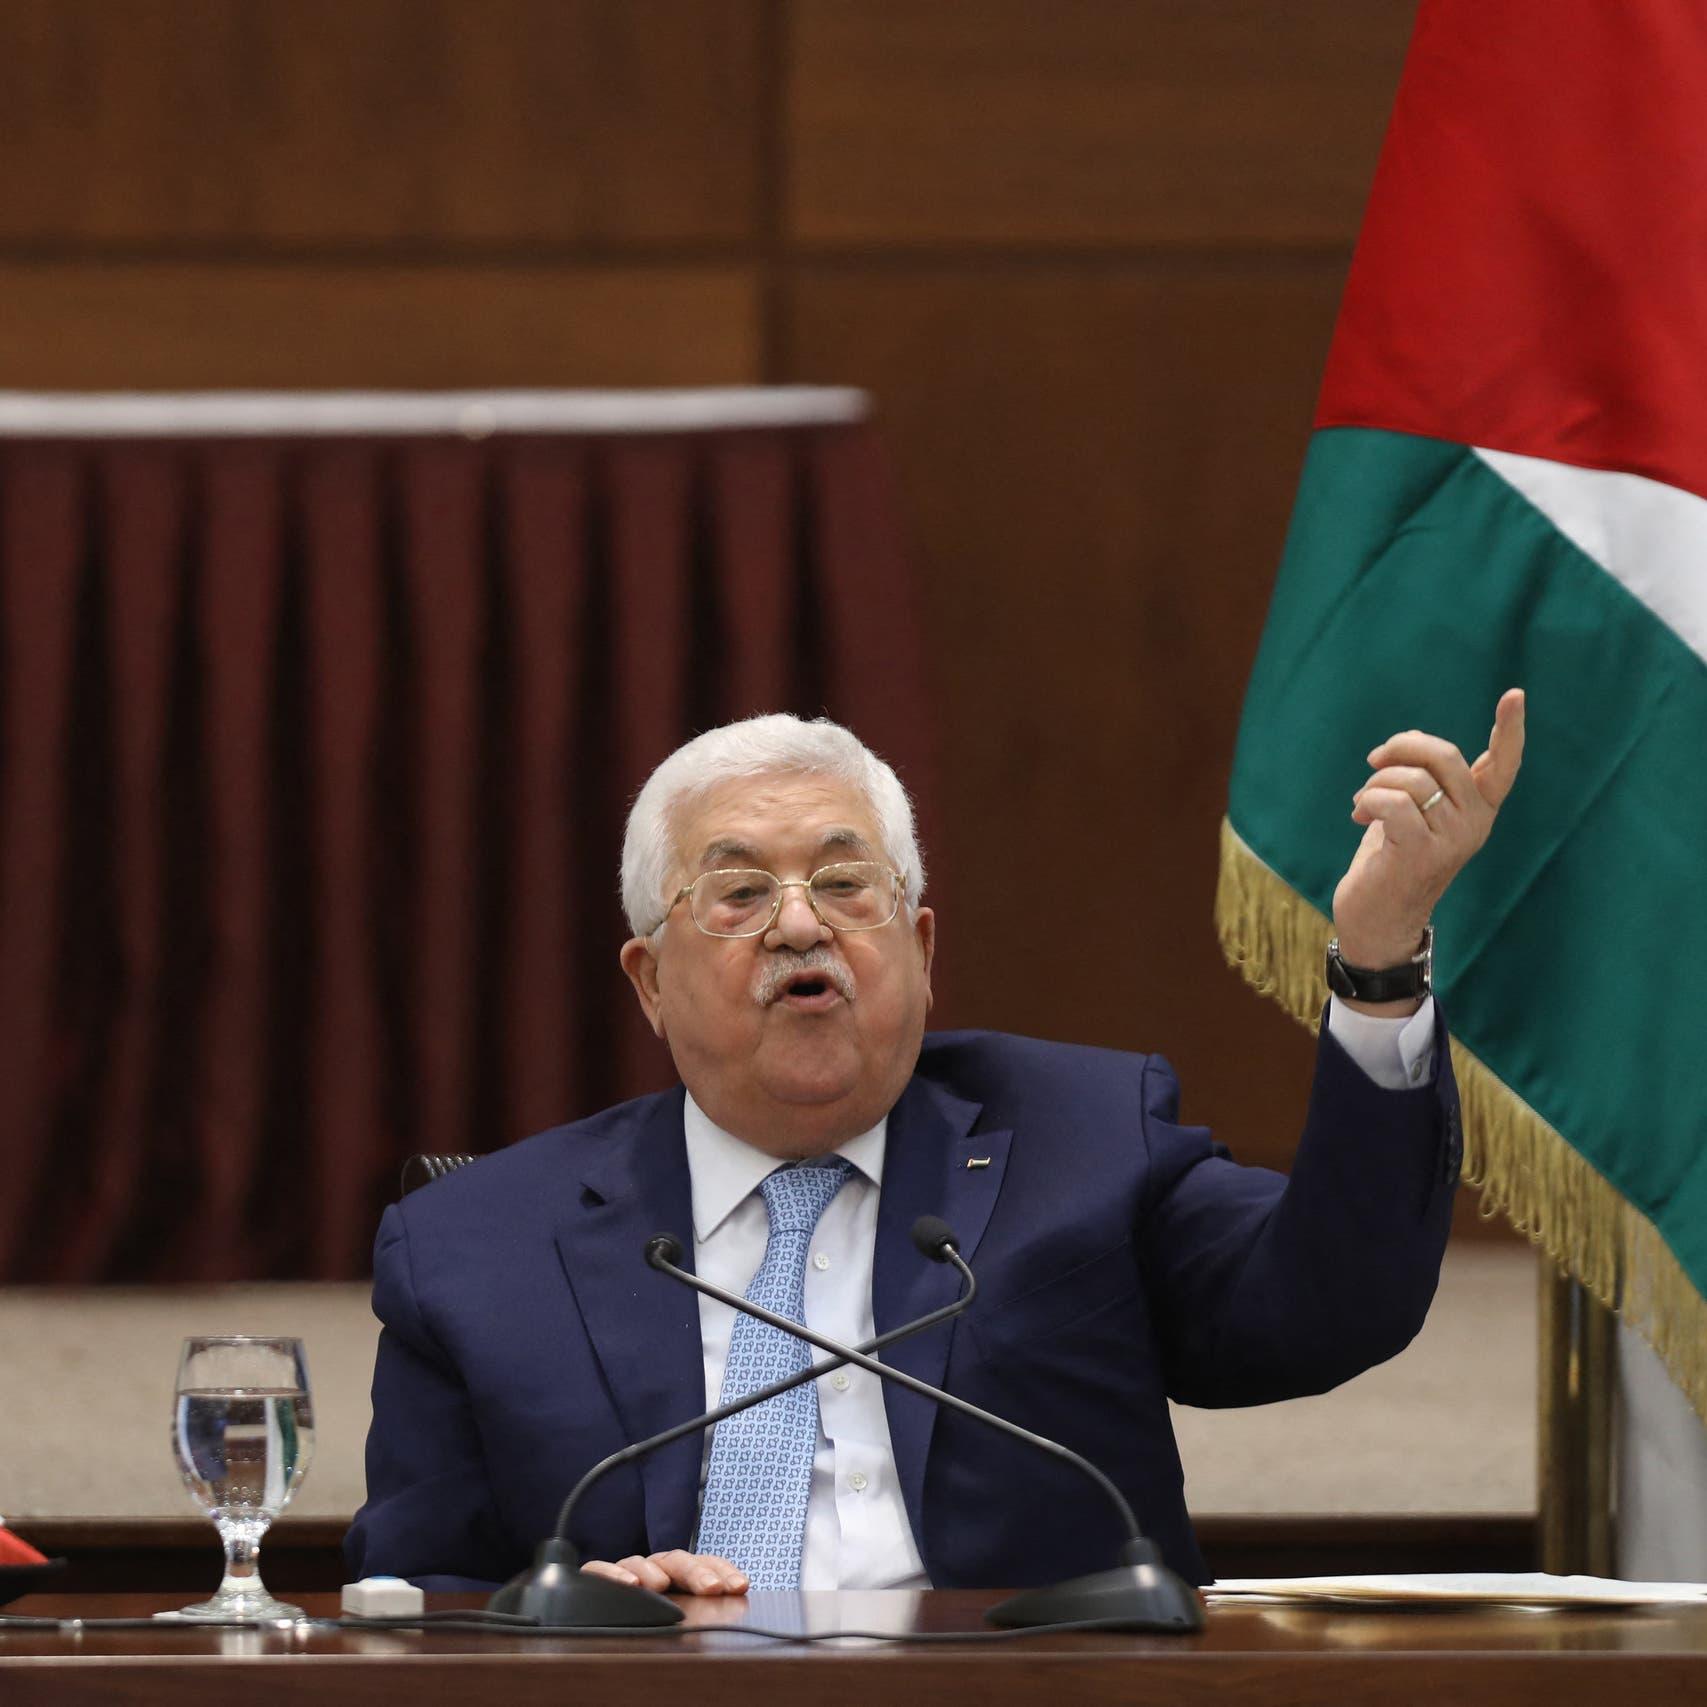 مرسوم رئاسي فلسطيني بالإفراج عن المعتقلين لأسباب سياسية